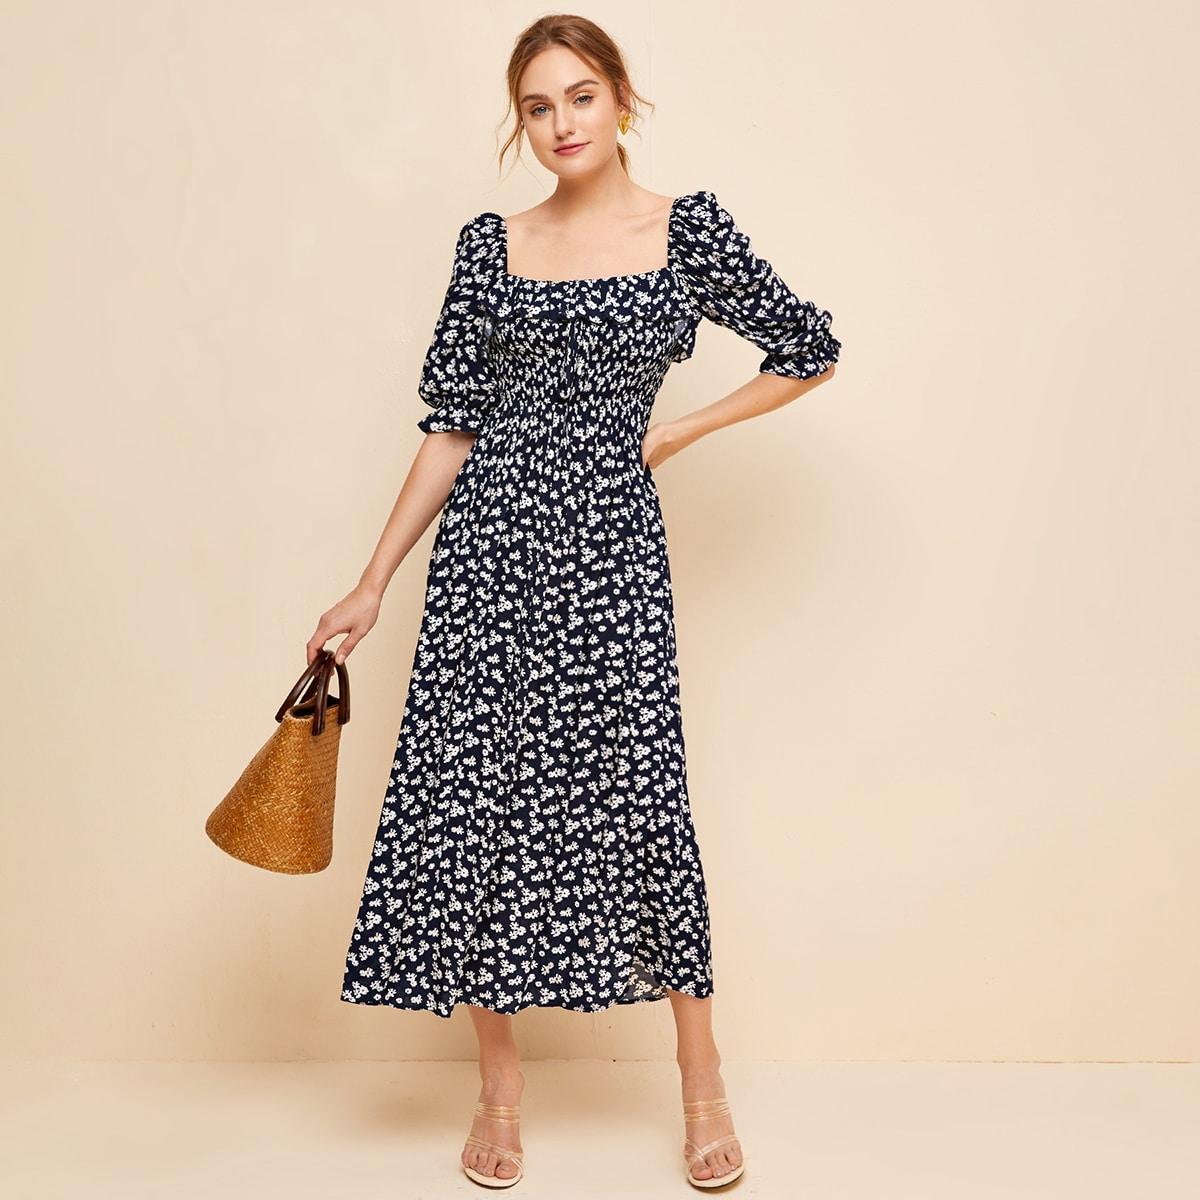 Платье с квадратным воротником и цветочным принтом фото